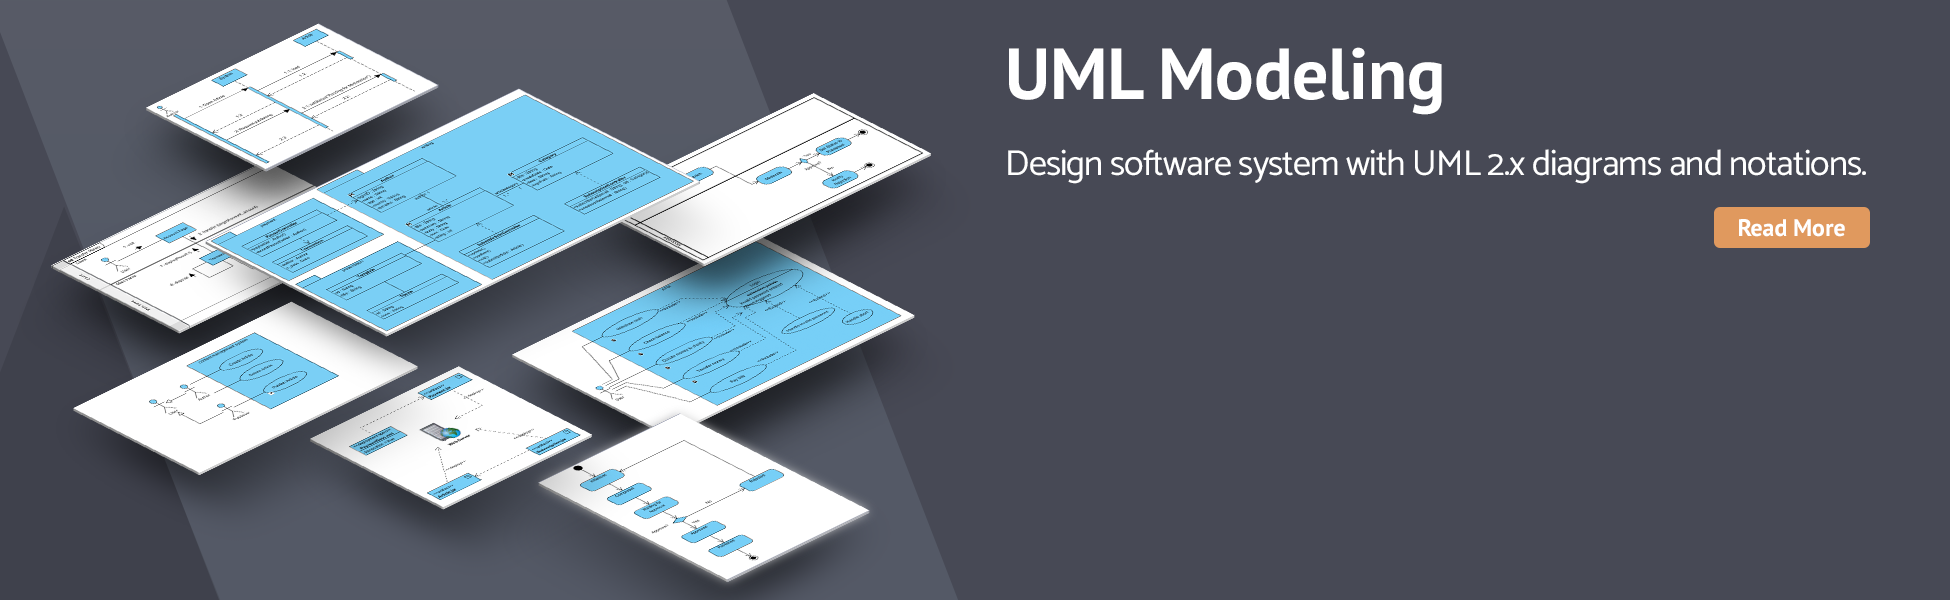 UML Modeling